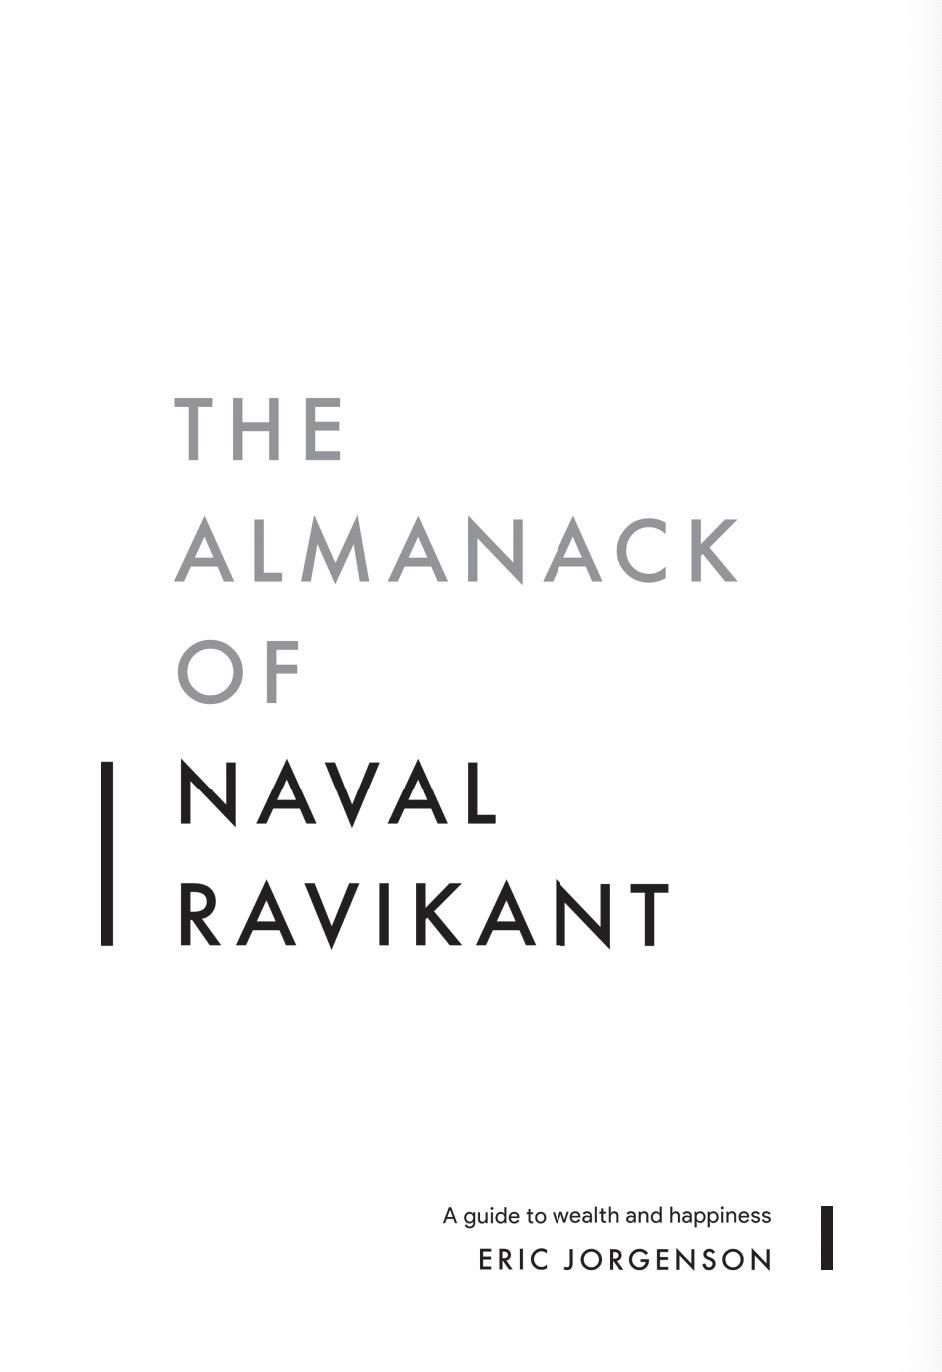 Almanack of Naval Ravikant